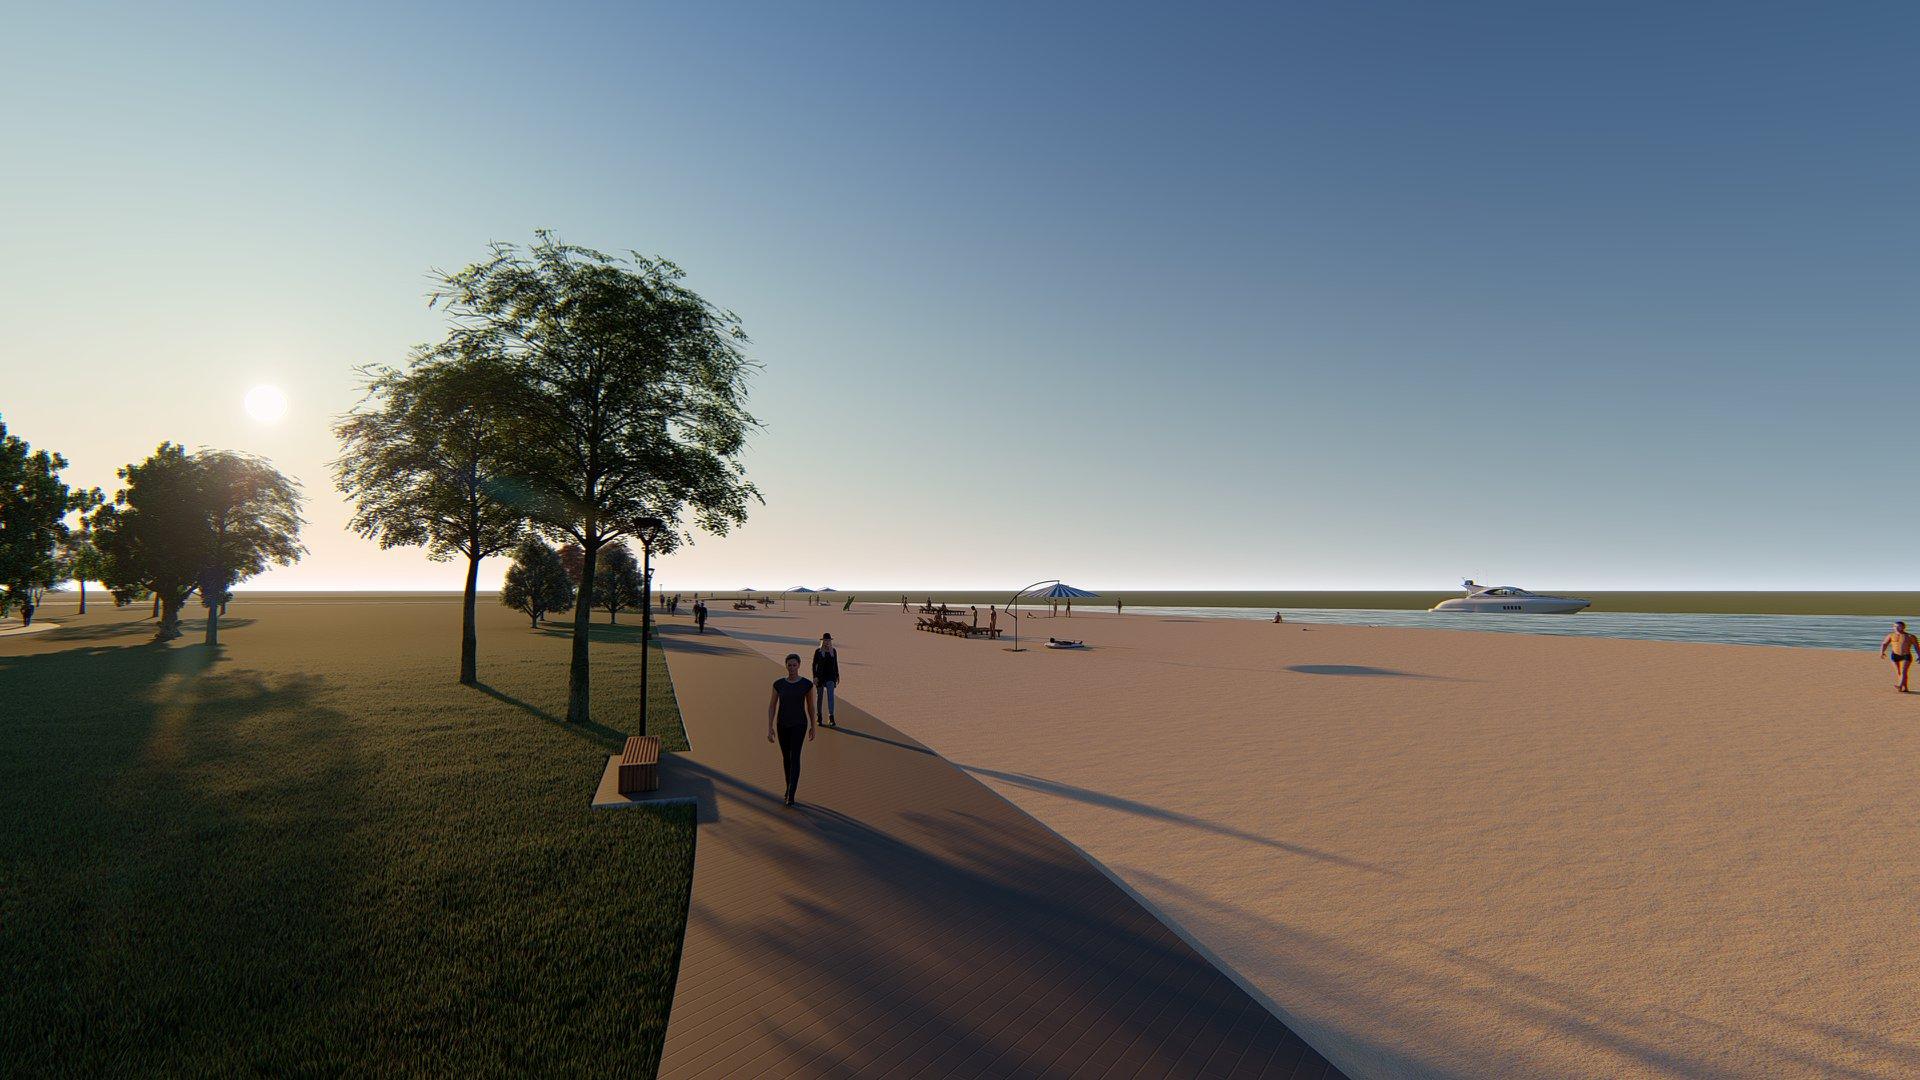 У Білій Церкві почнуть будувати набережну вздовж центрального пляжу - центральний пляж, набережна - 59533381 2050750731893759 6578940258728017920 o